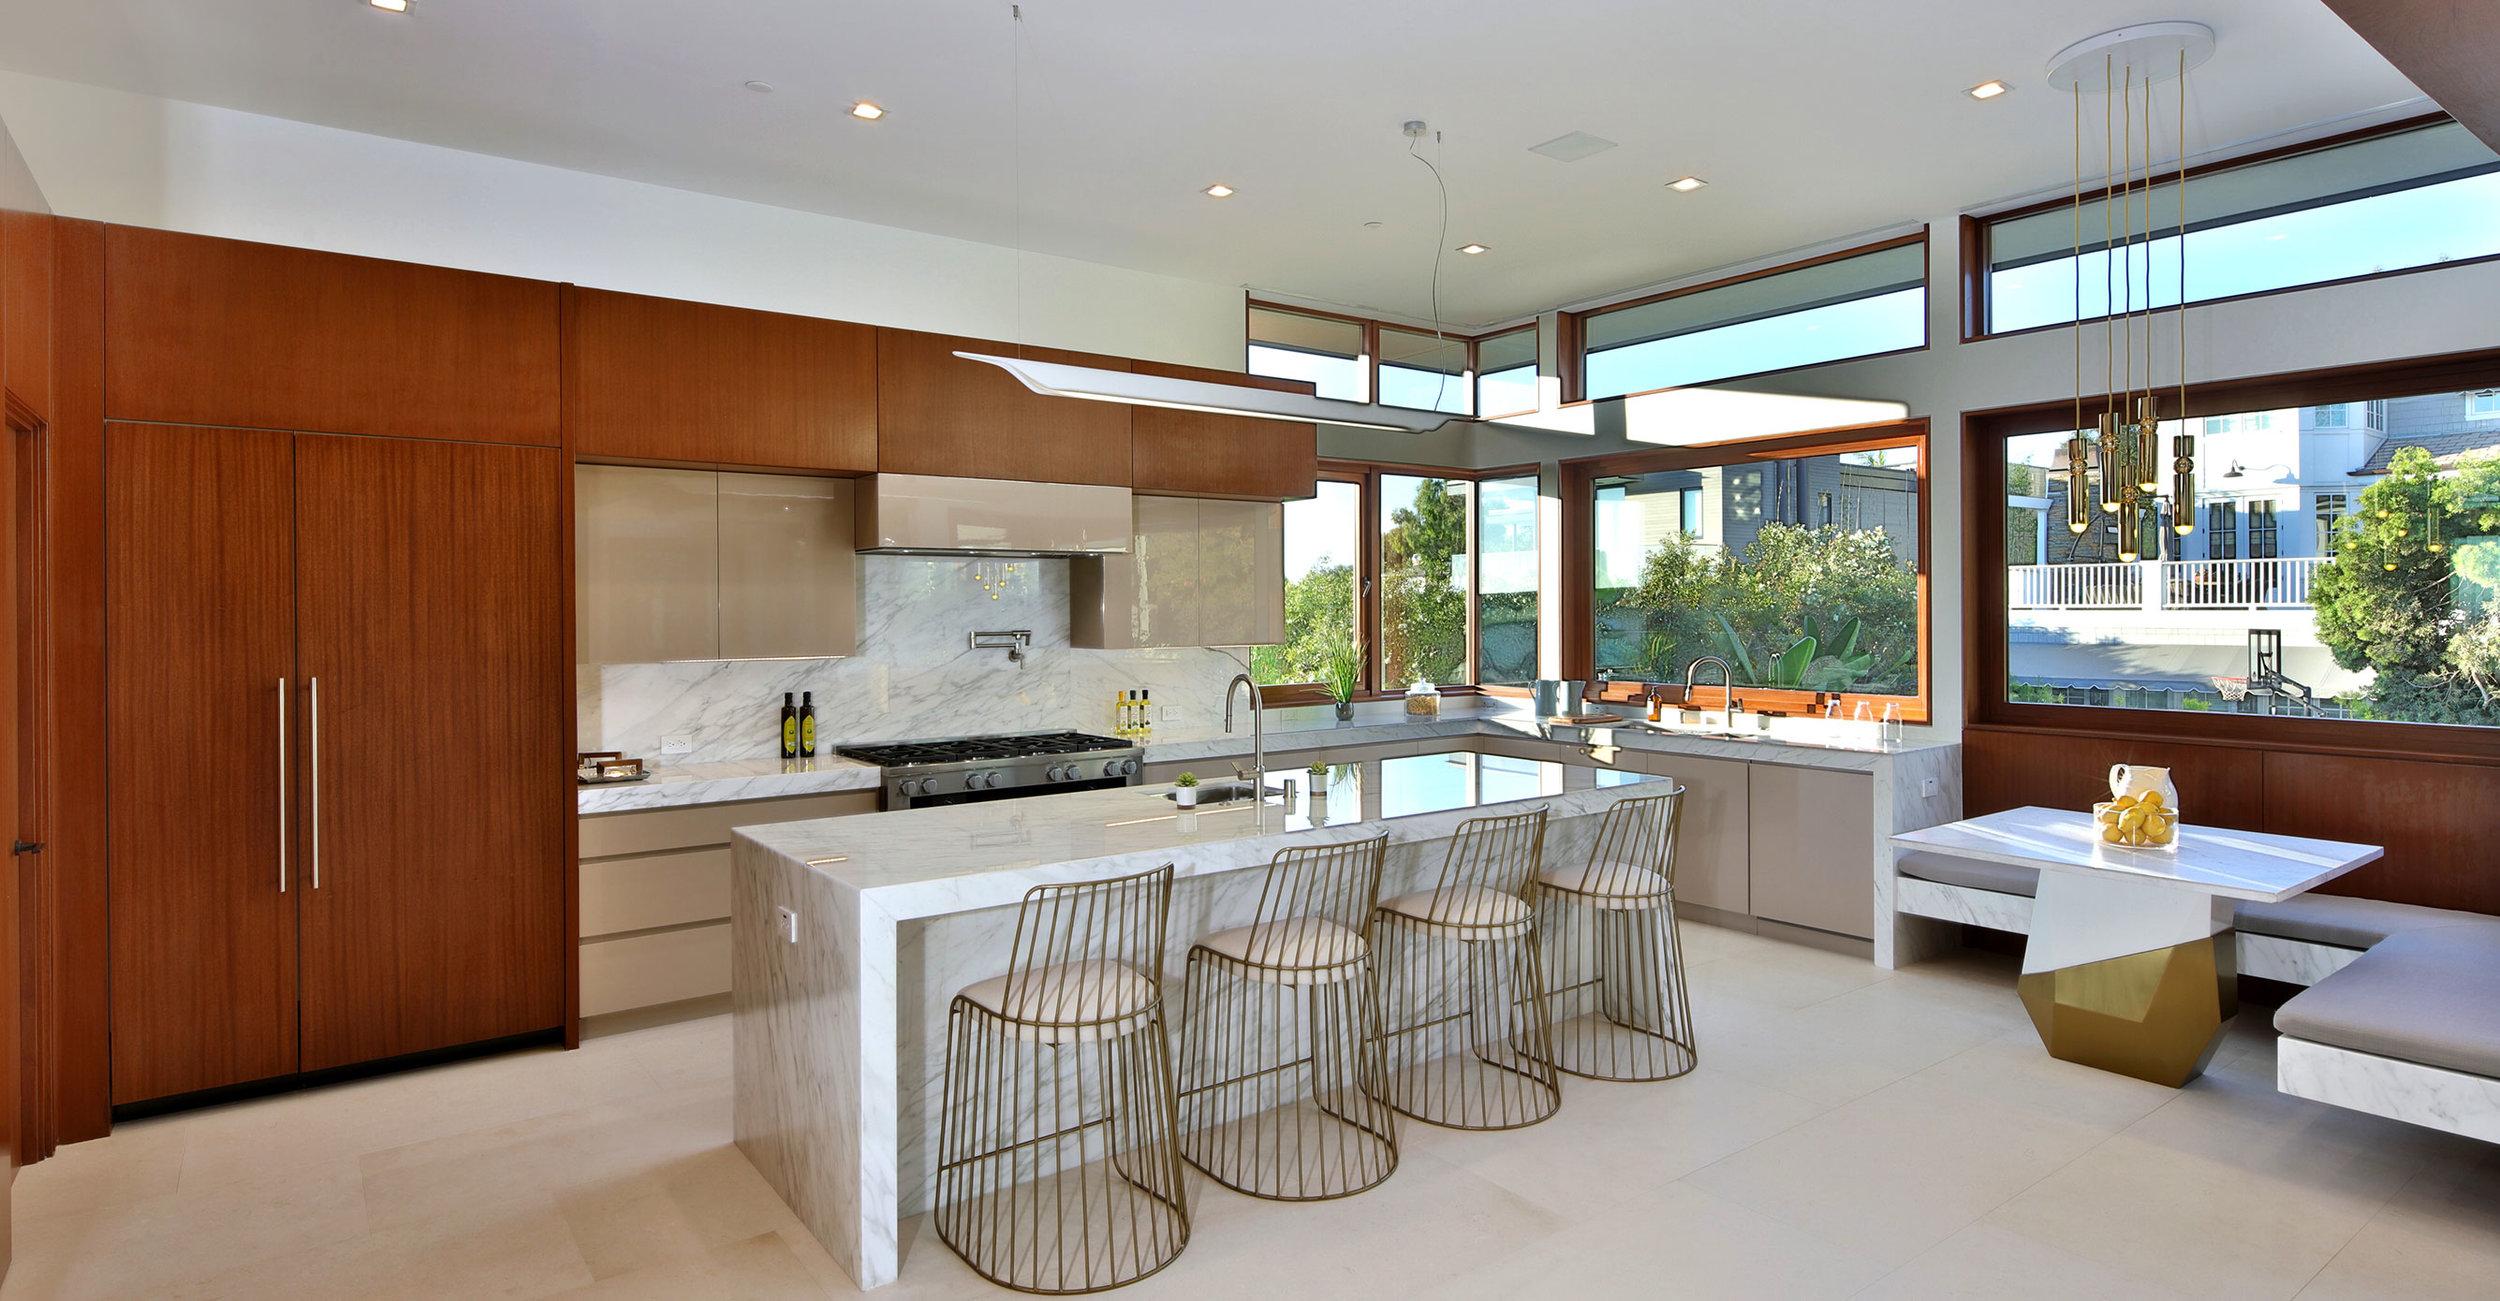 10-Contemporary-kitchen-Silicon-Bay-ManhattanBeach-marble-island.jpg